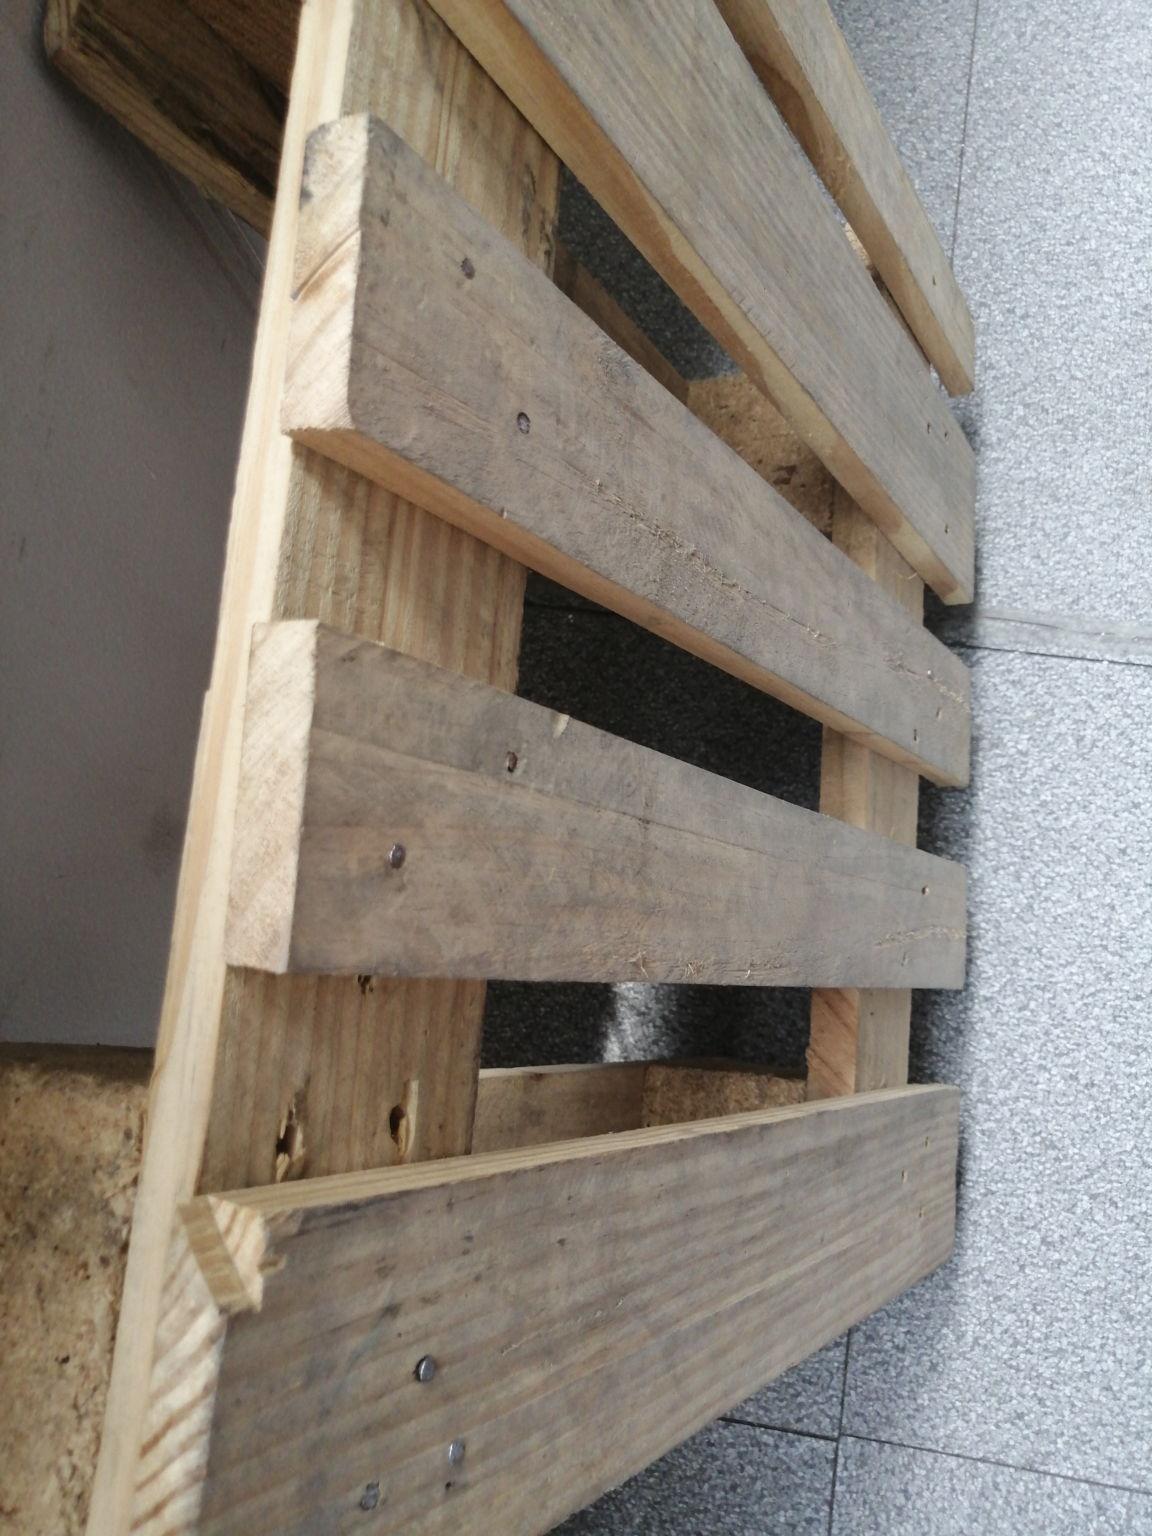 绍兴托盘�,∶❈Ⅾ♟⊱�装箱加工厂生产流程